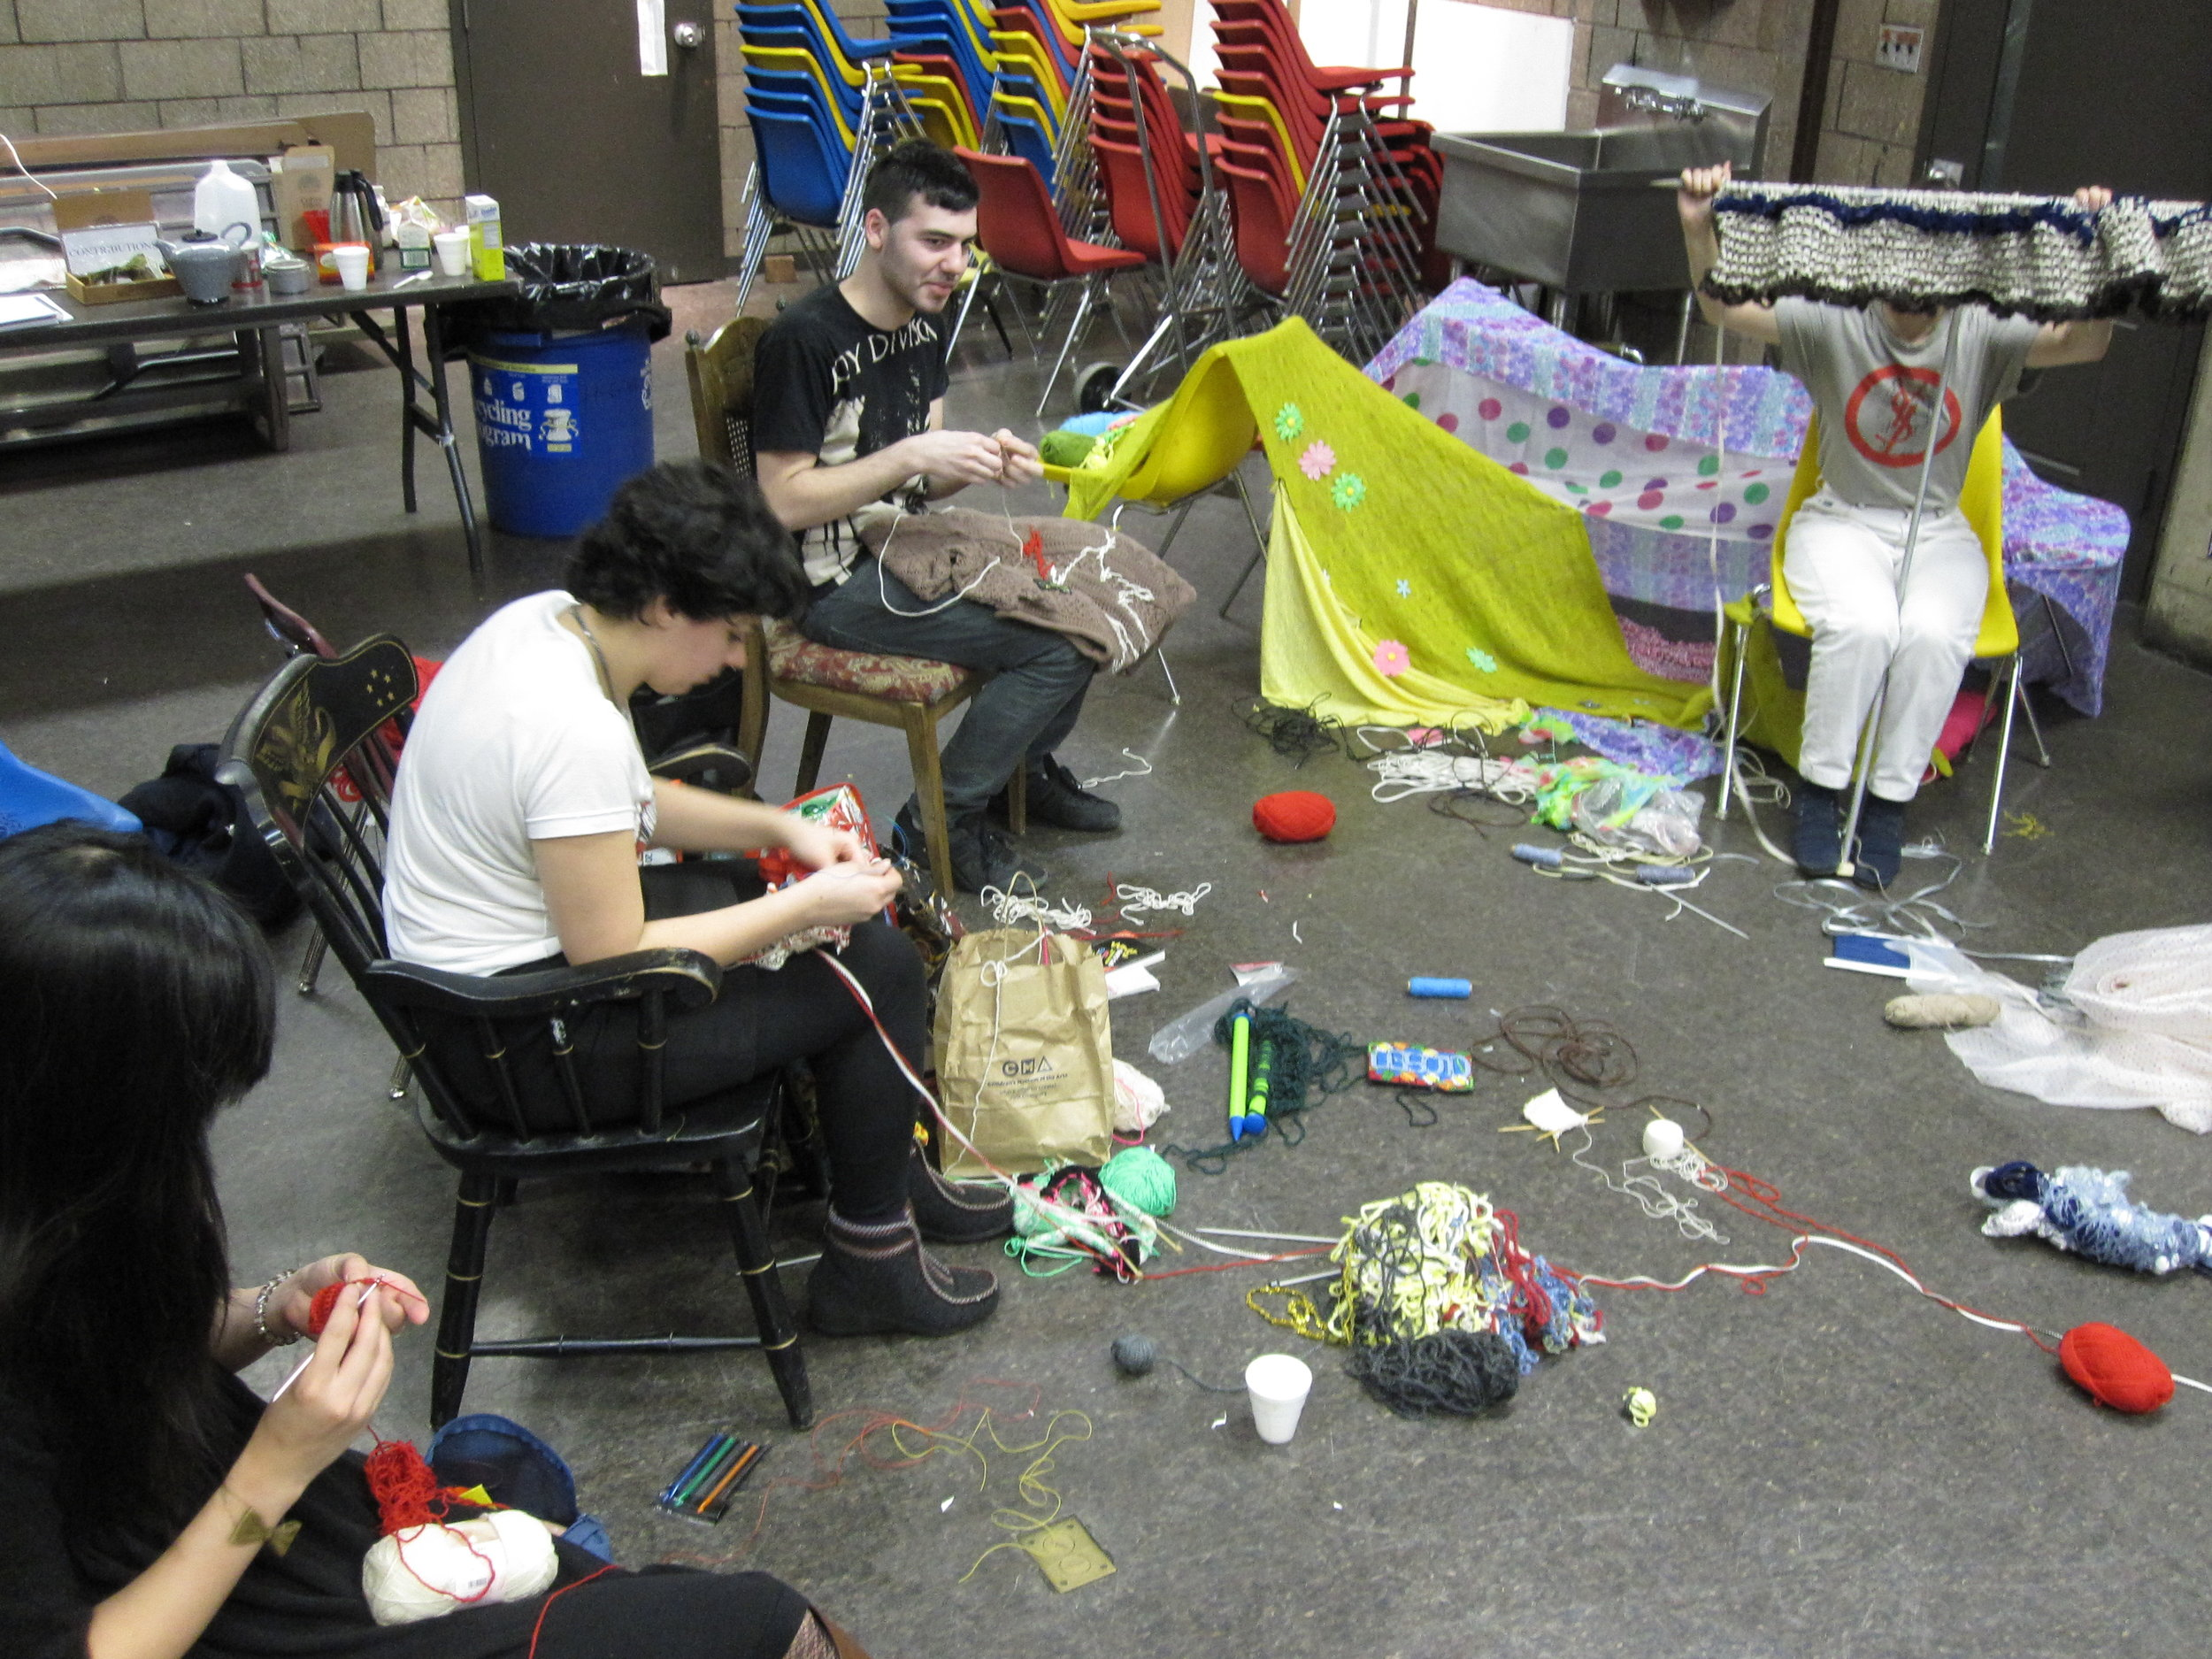 knittingmarathon10_4315219108_o.jpg